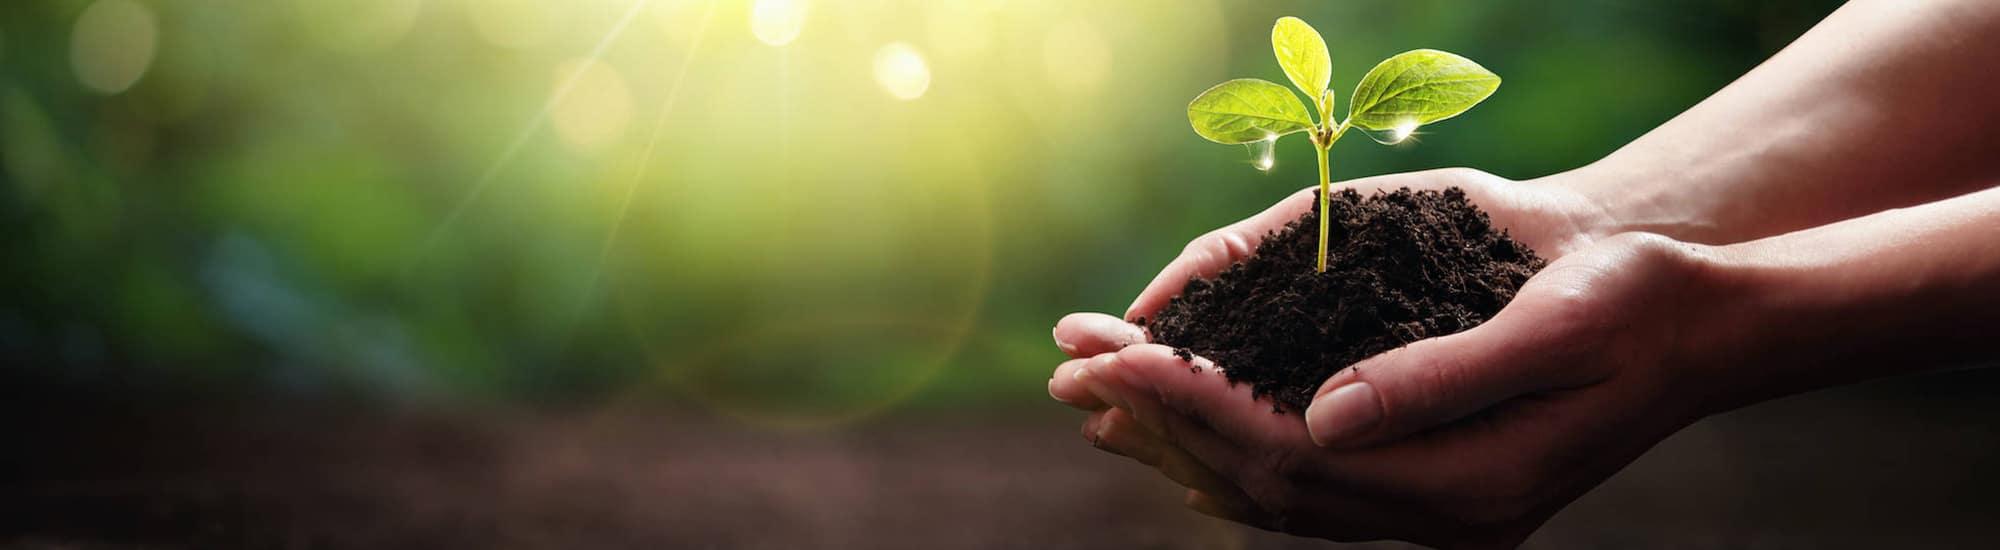 Pflanze in den Haenden